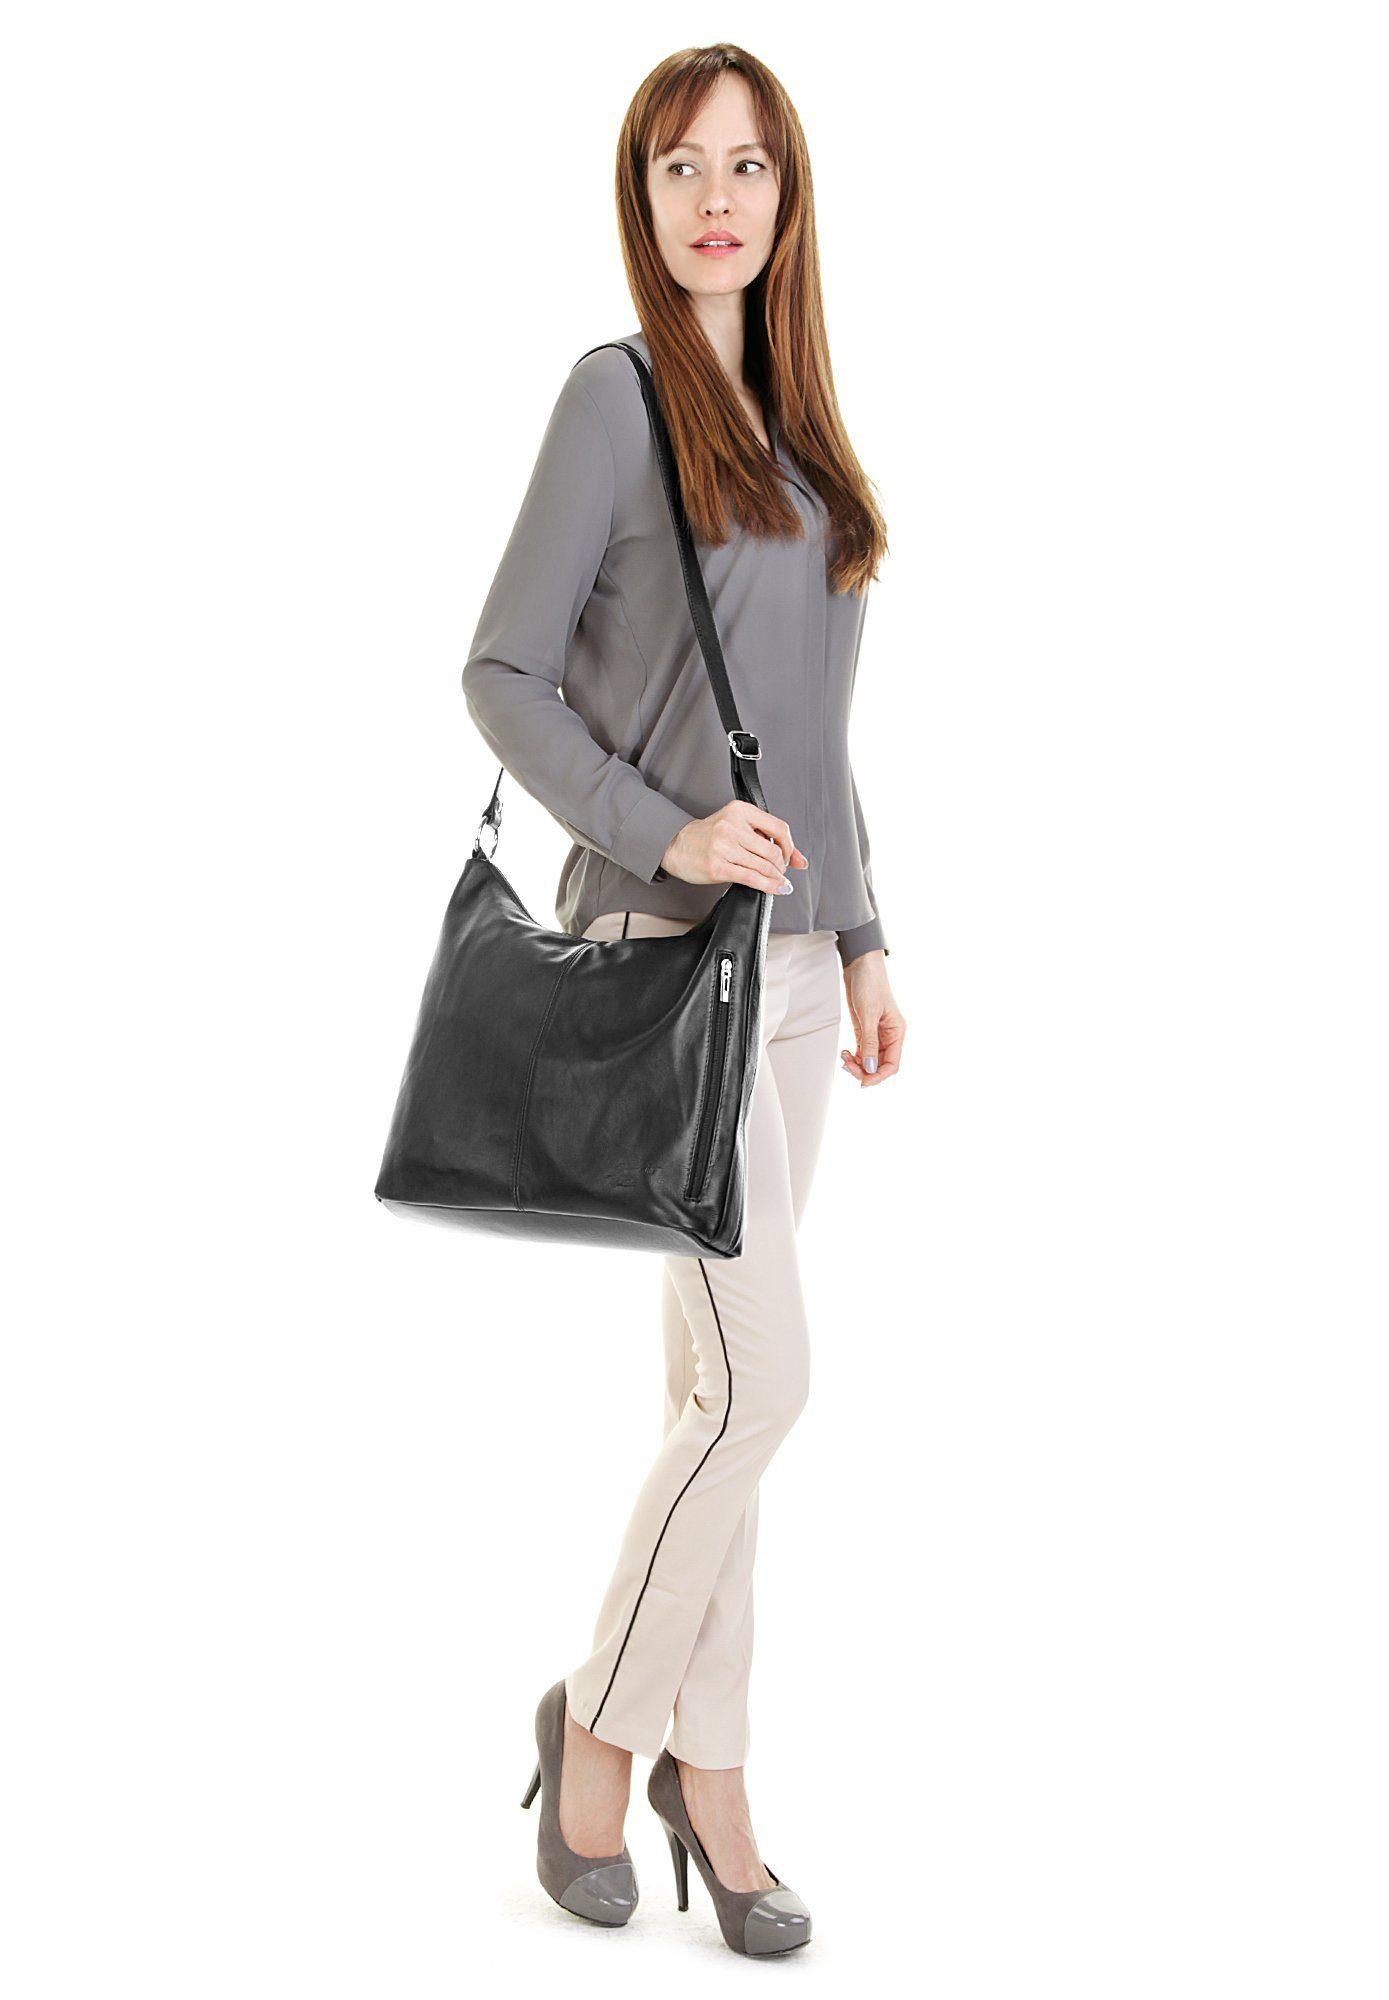 40 Höhe nr Tiefe Look 094242p Online X Breite Cm Samantha 30 Shopper 13 Artikel Kaufen twnFRqxnf1